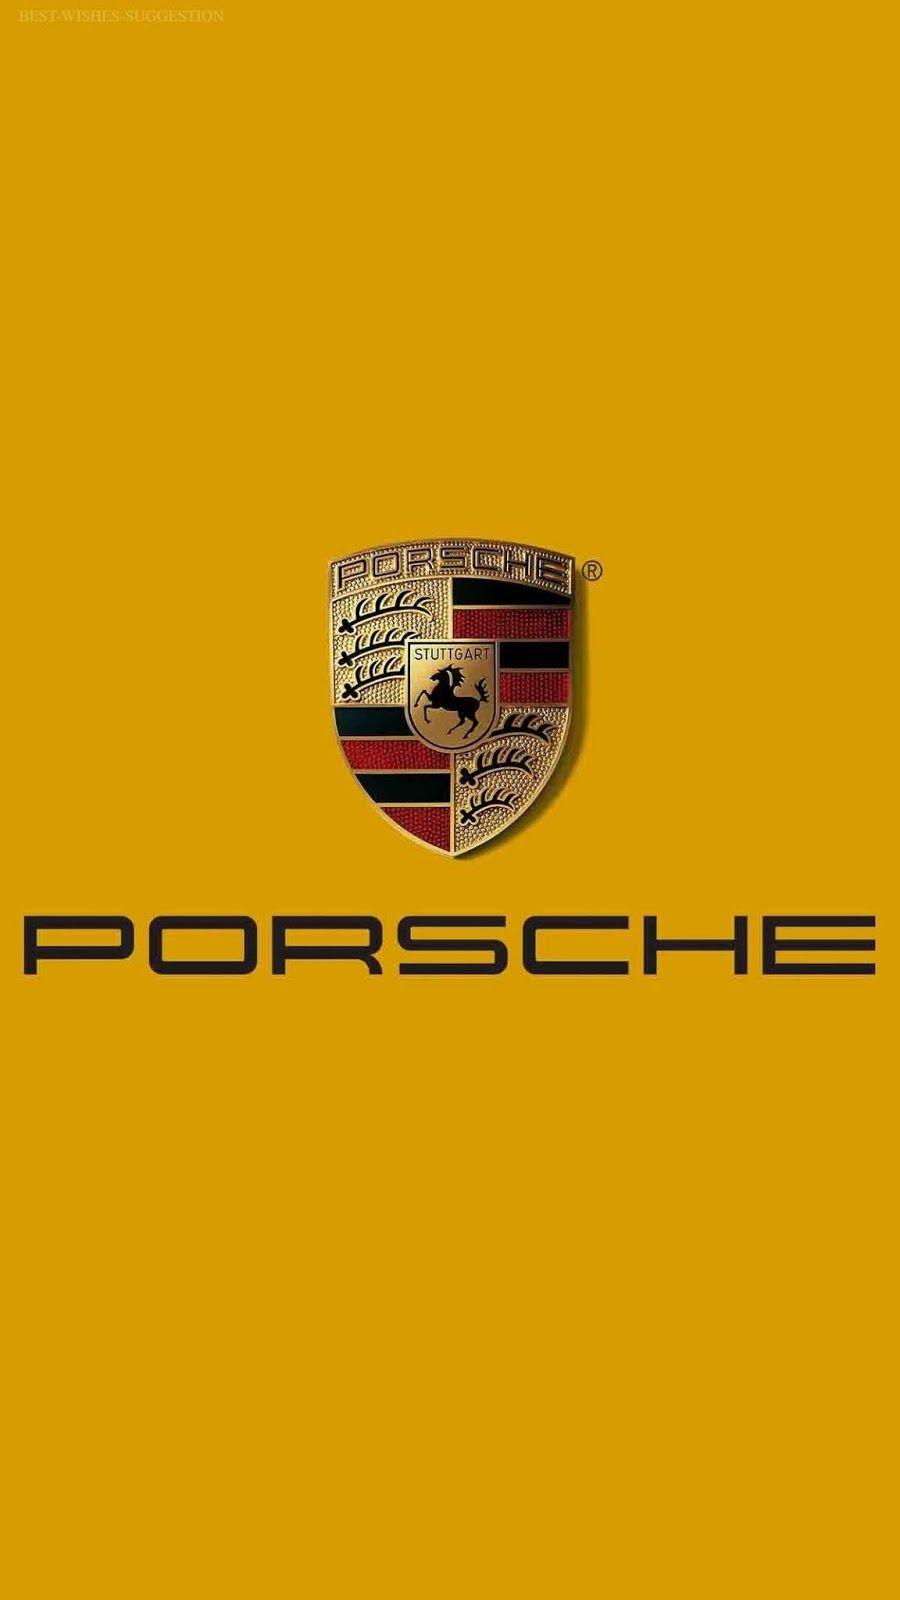 Porsche Mobile Wallpaper Porsche Iphone Wallpaper Car Logos Luxury Car Logos